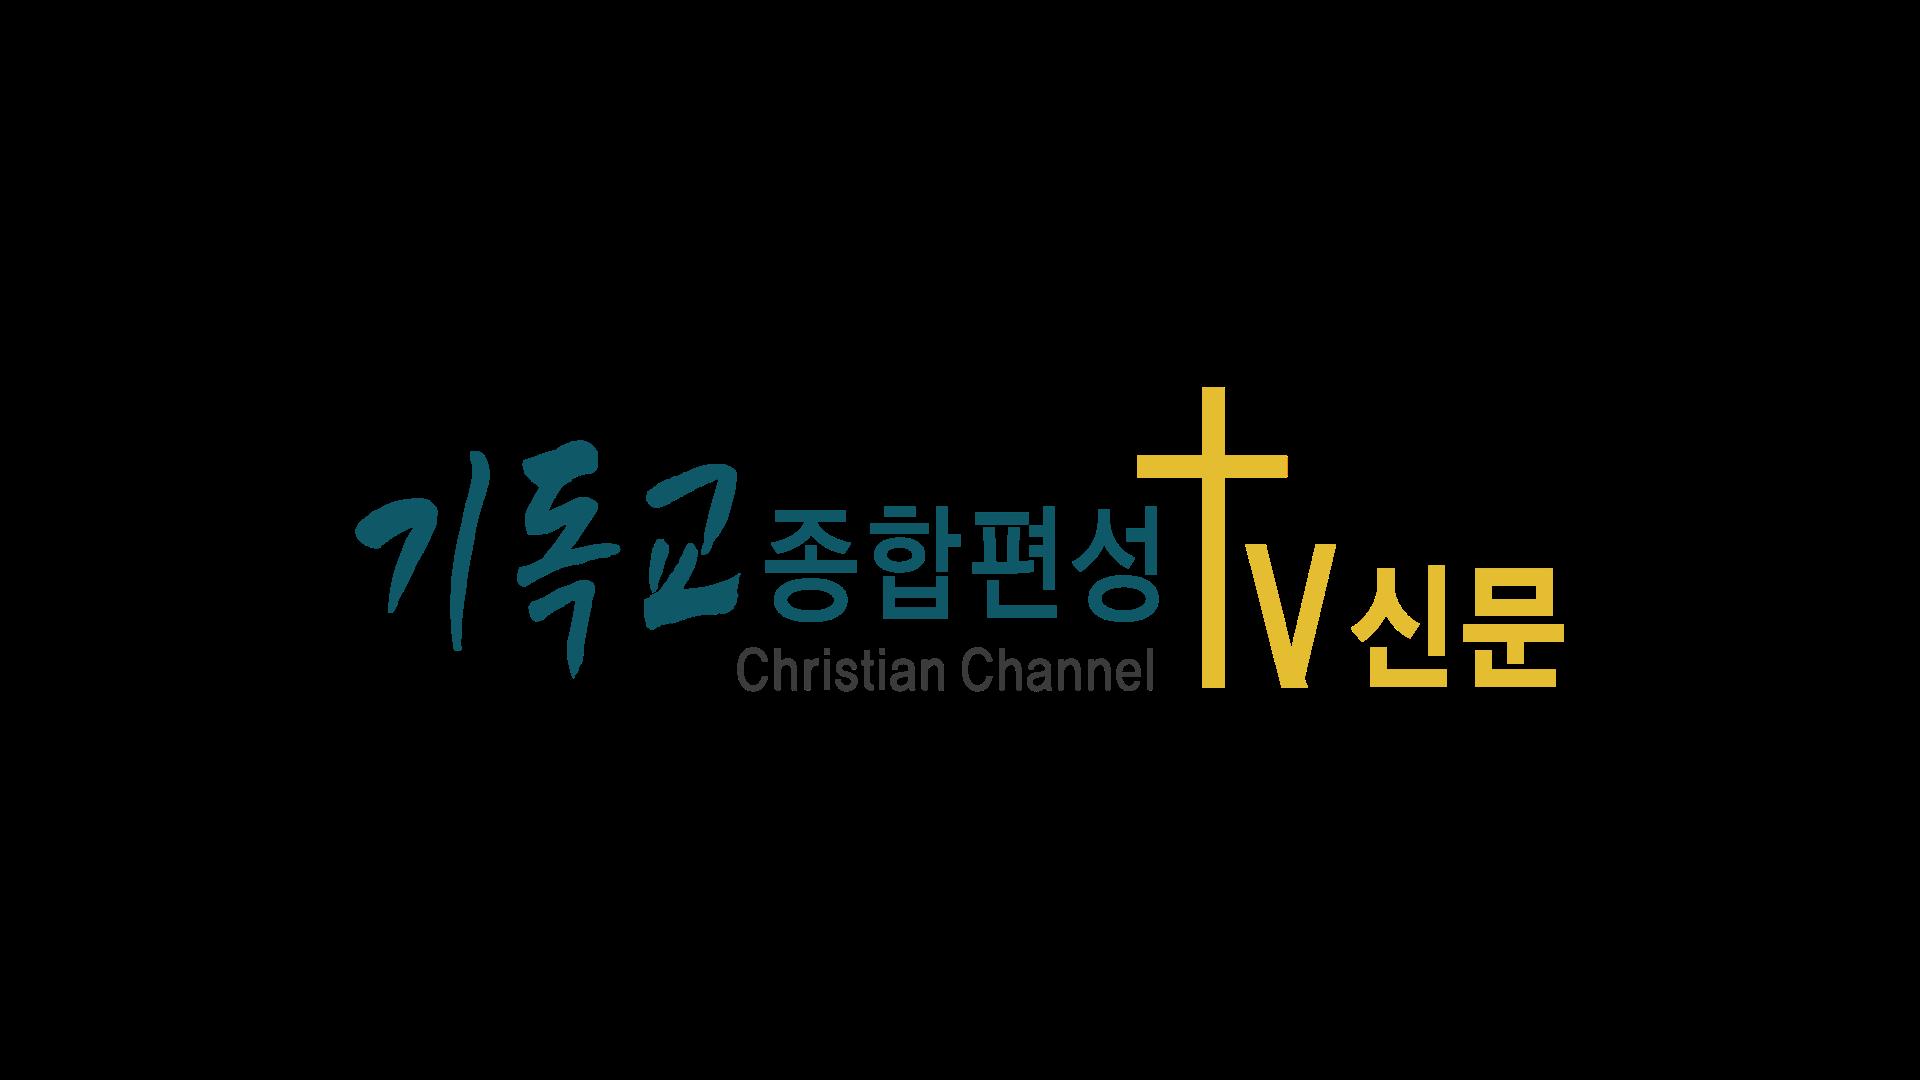 기독교종합편성TV신문 로고